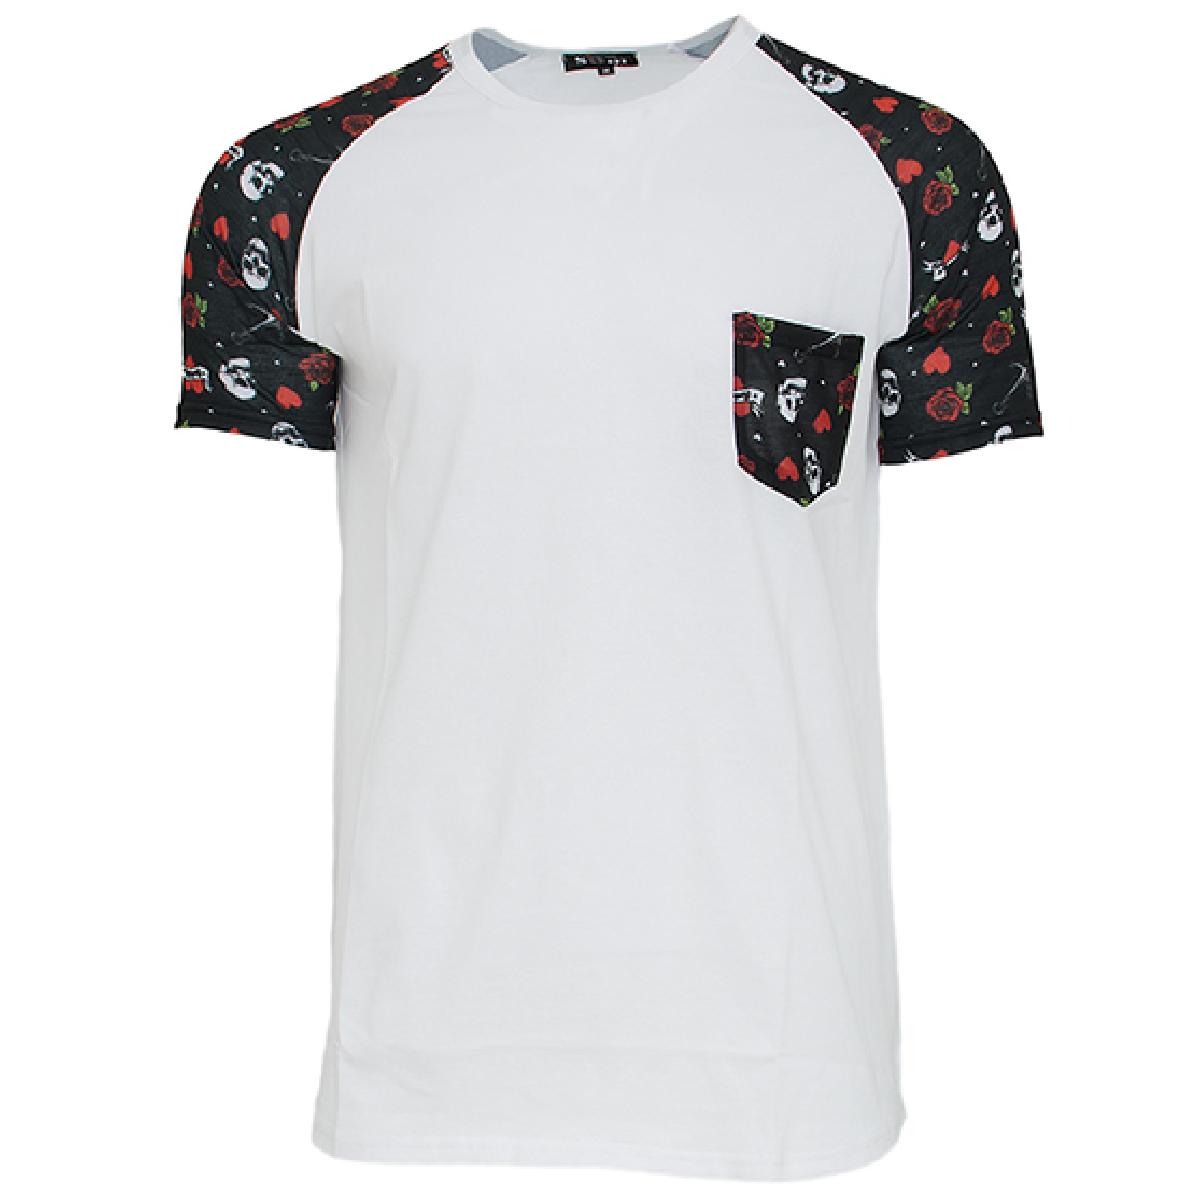 Ανδρικό Τ-shirt Skull Rose-Άσπρο αρχική ανδρικά ρούχα επιλογή ανά προϊόν t shirts